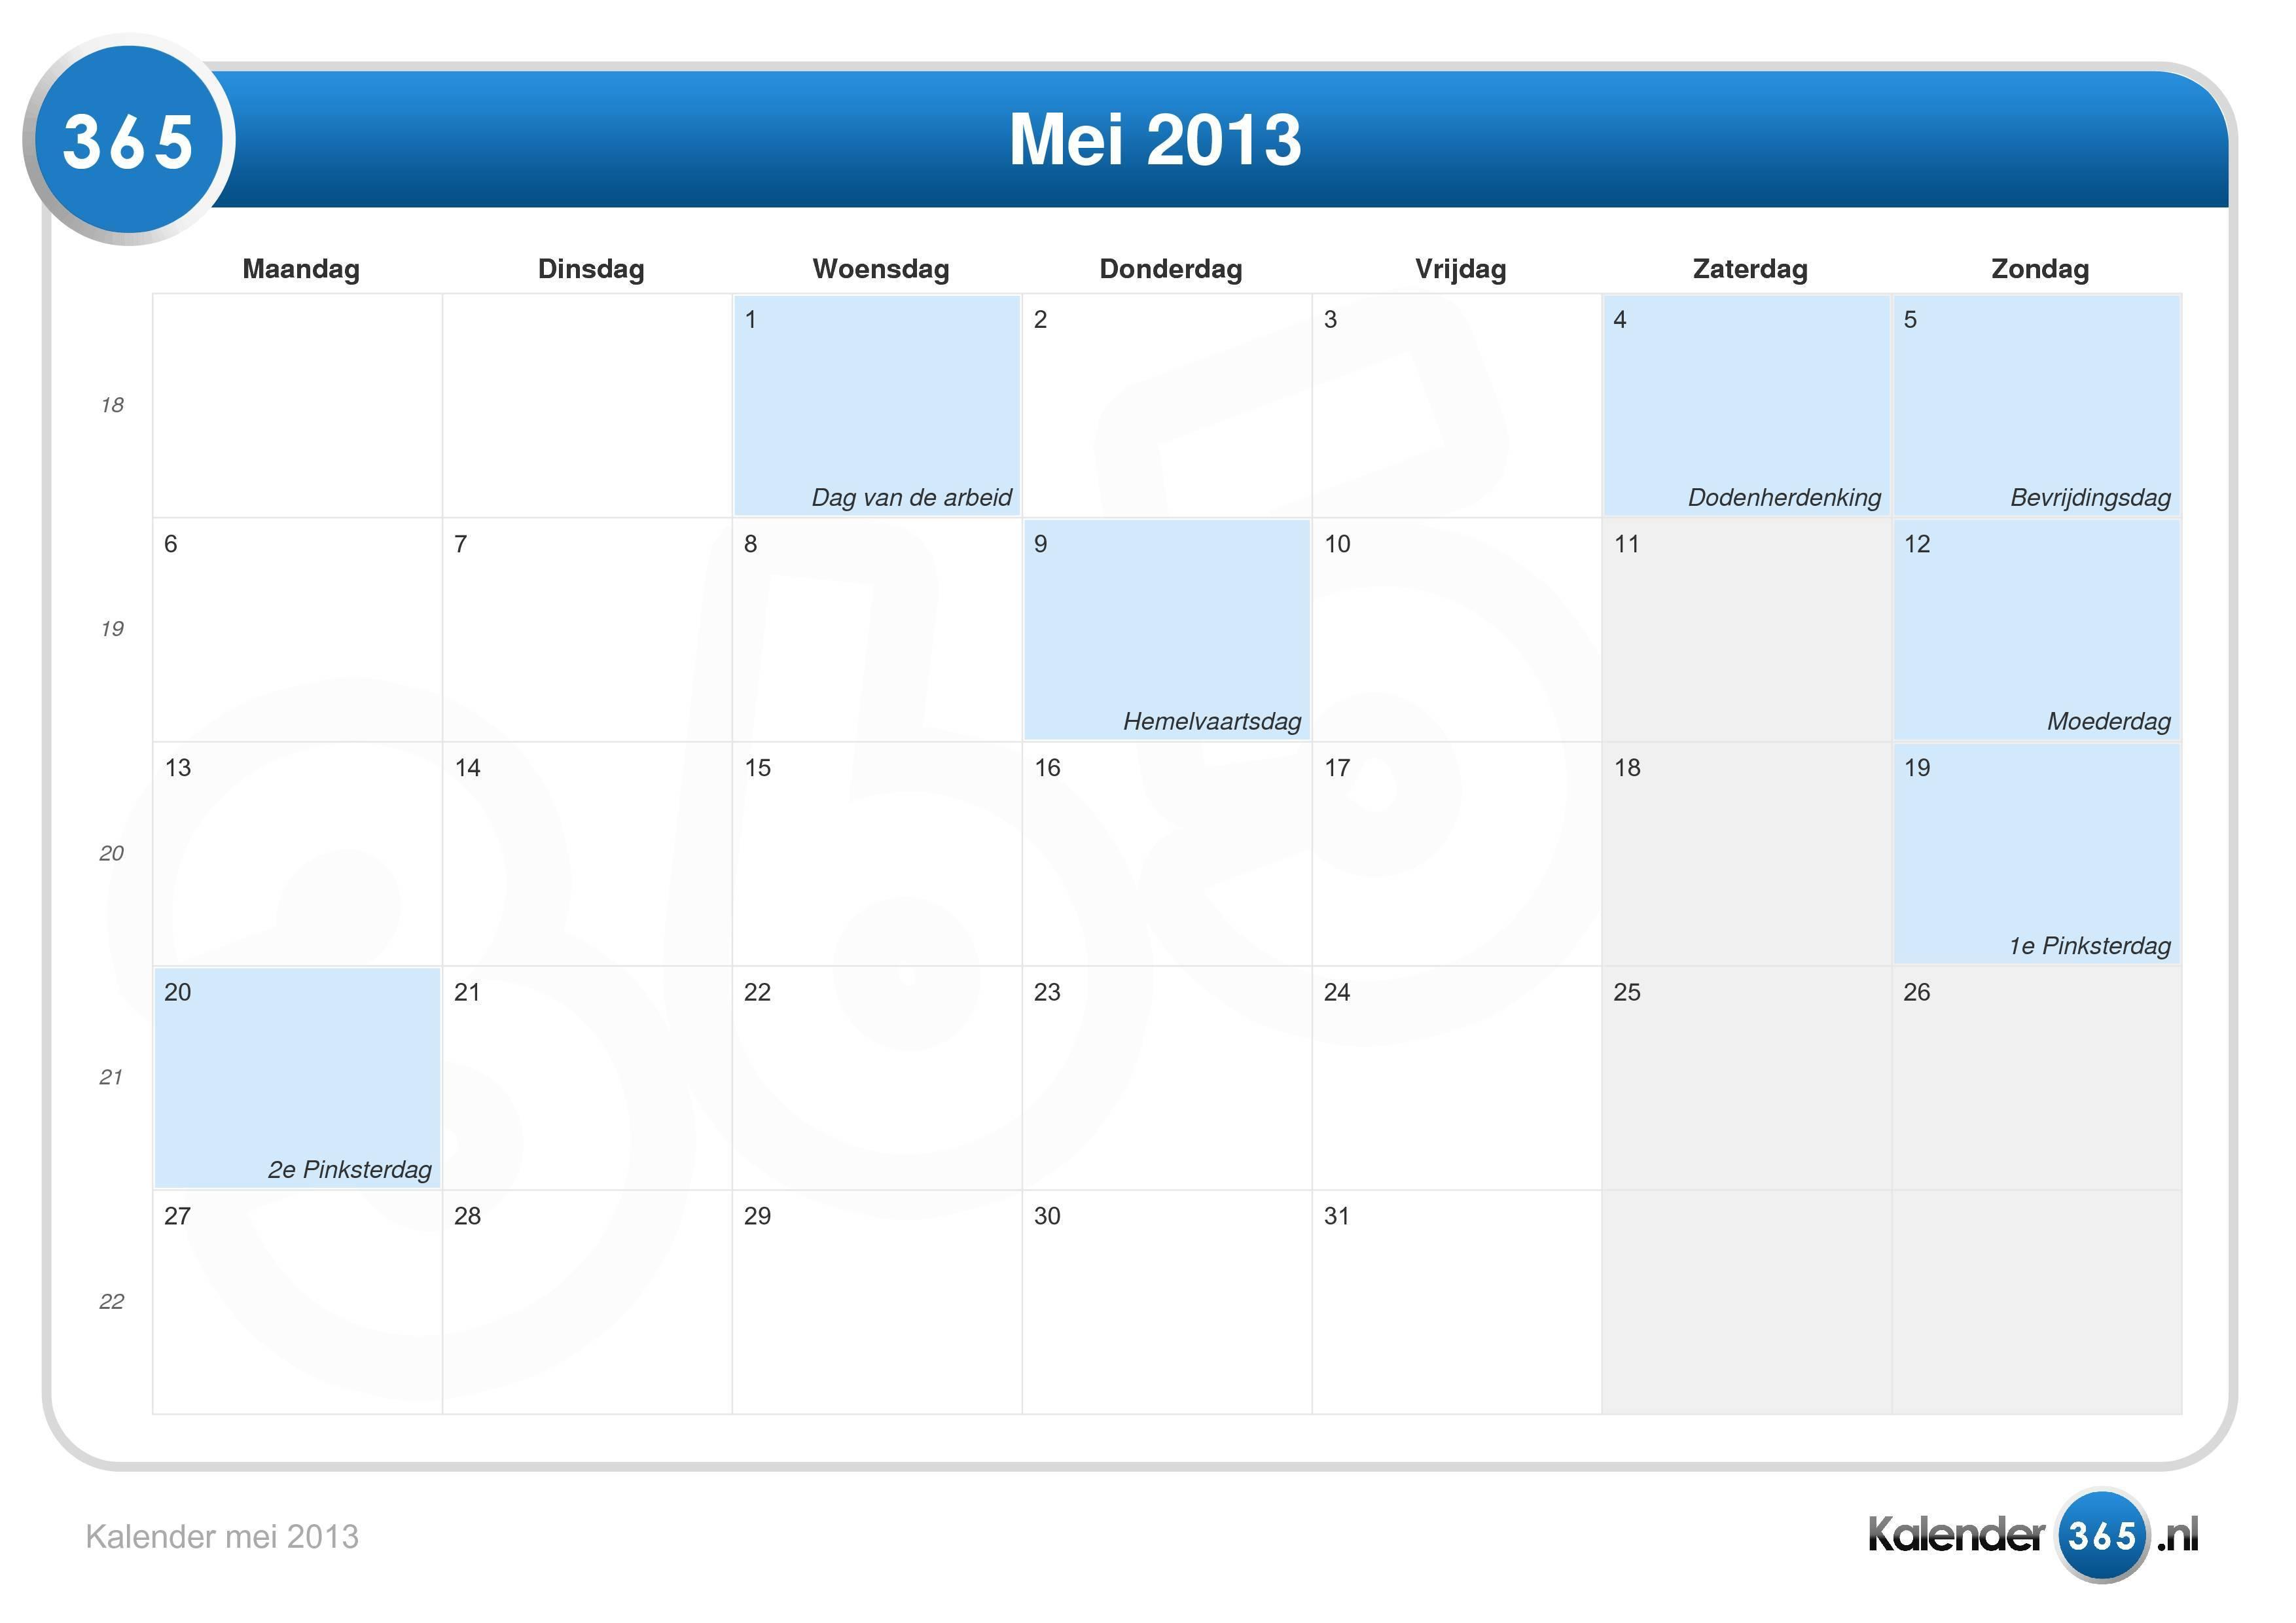 Kalender mei 2013